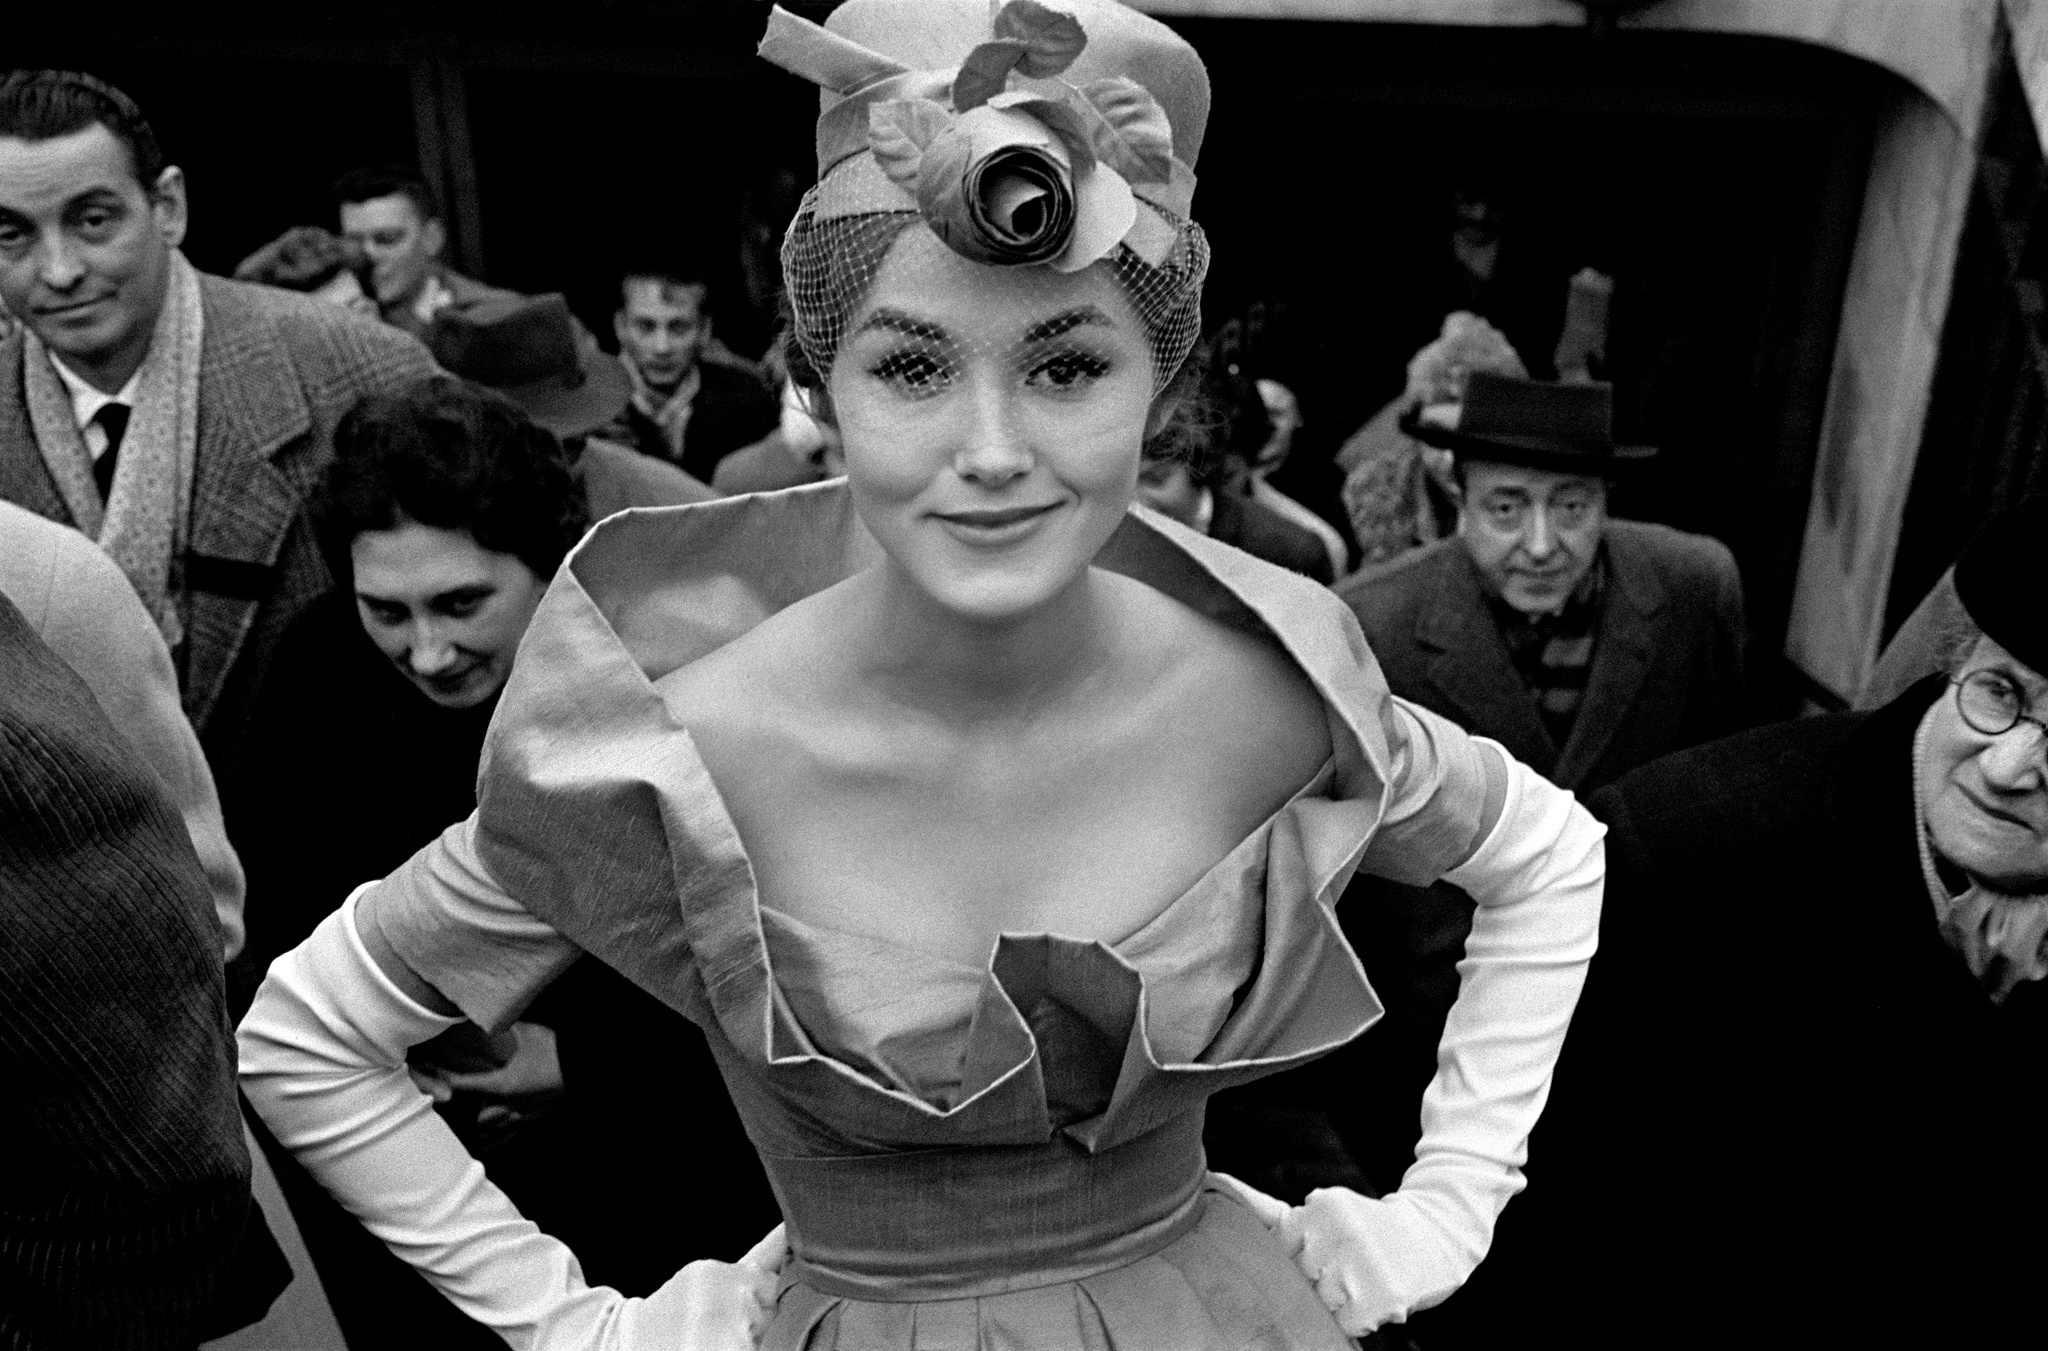 Fotó: Frank Horvat: Métro Exit, Monique Dutto, Paris 1959 © Frank Horvat